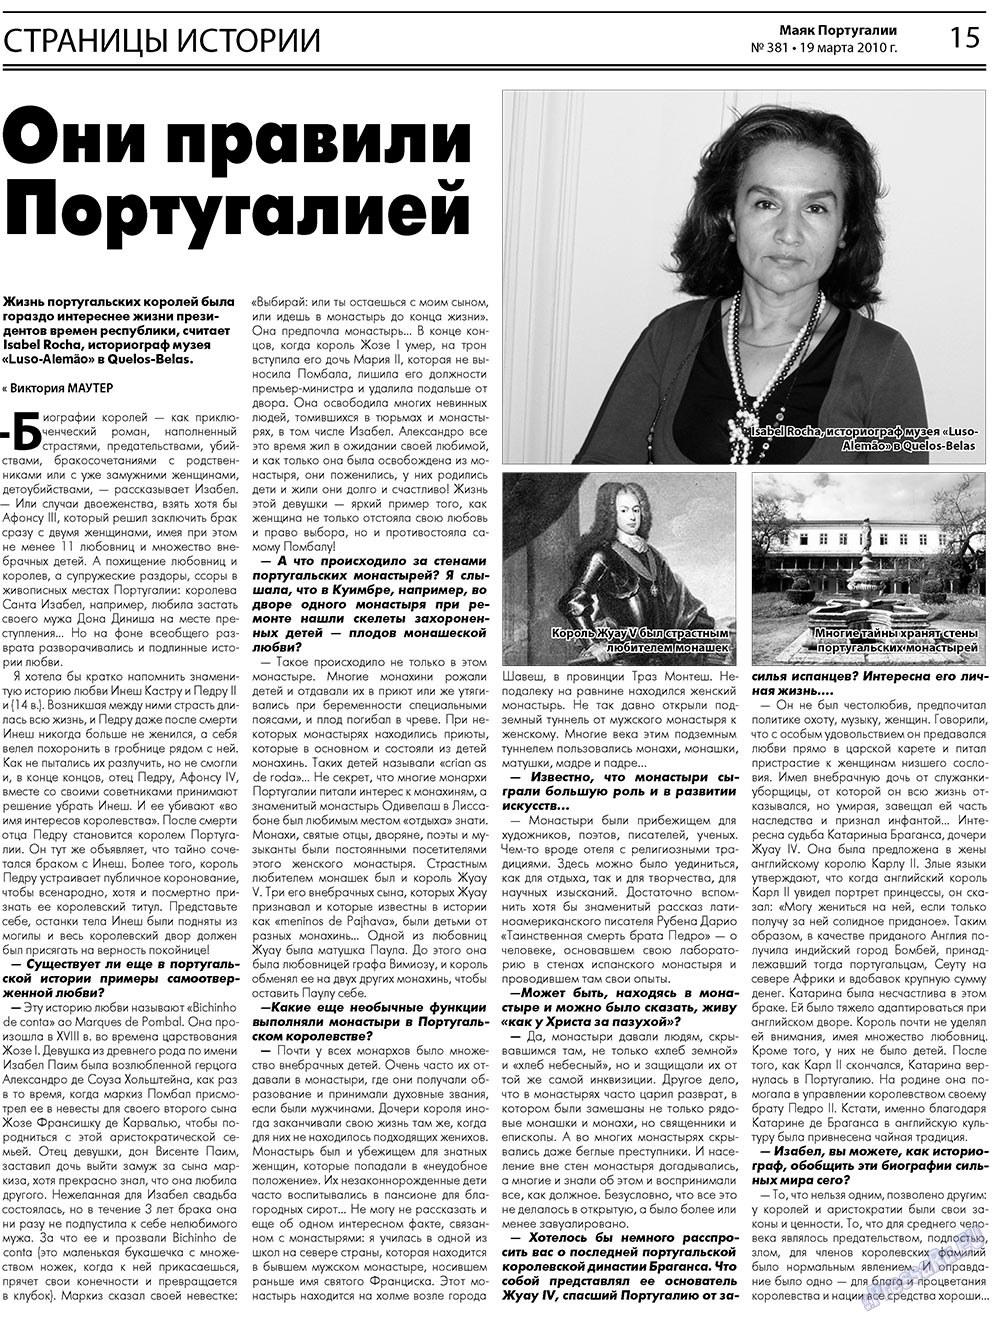 Маяк Португалии (газета). 2010 год, номер 381, стр. 15